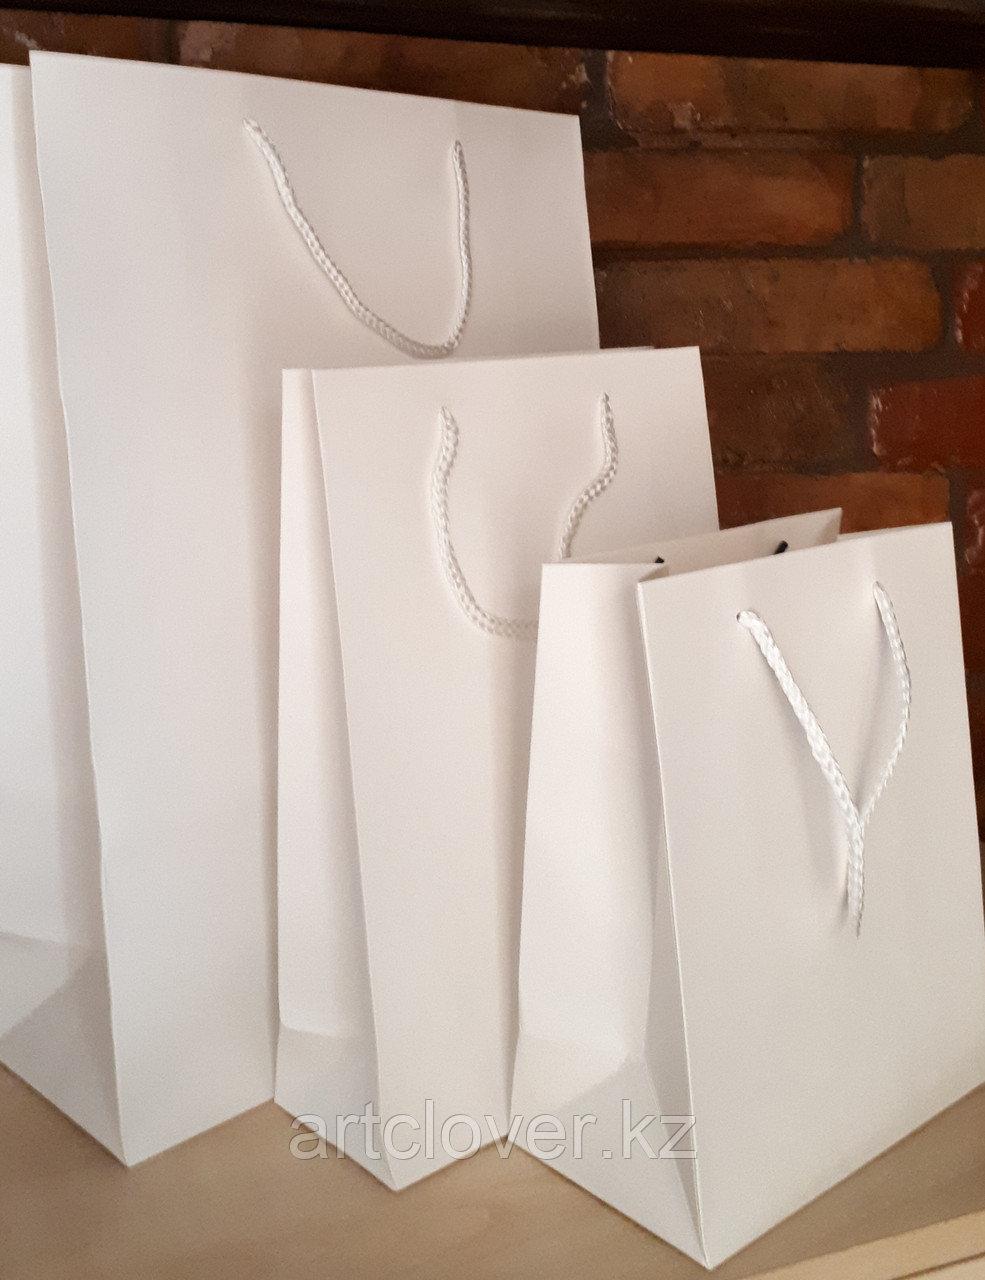 Бумажные пакеты белые А3 А4 А5 - фото 1